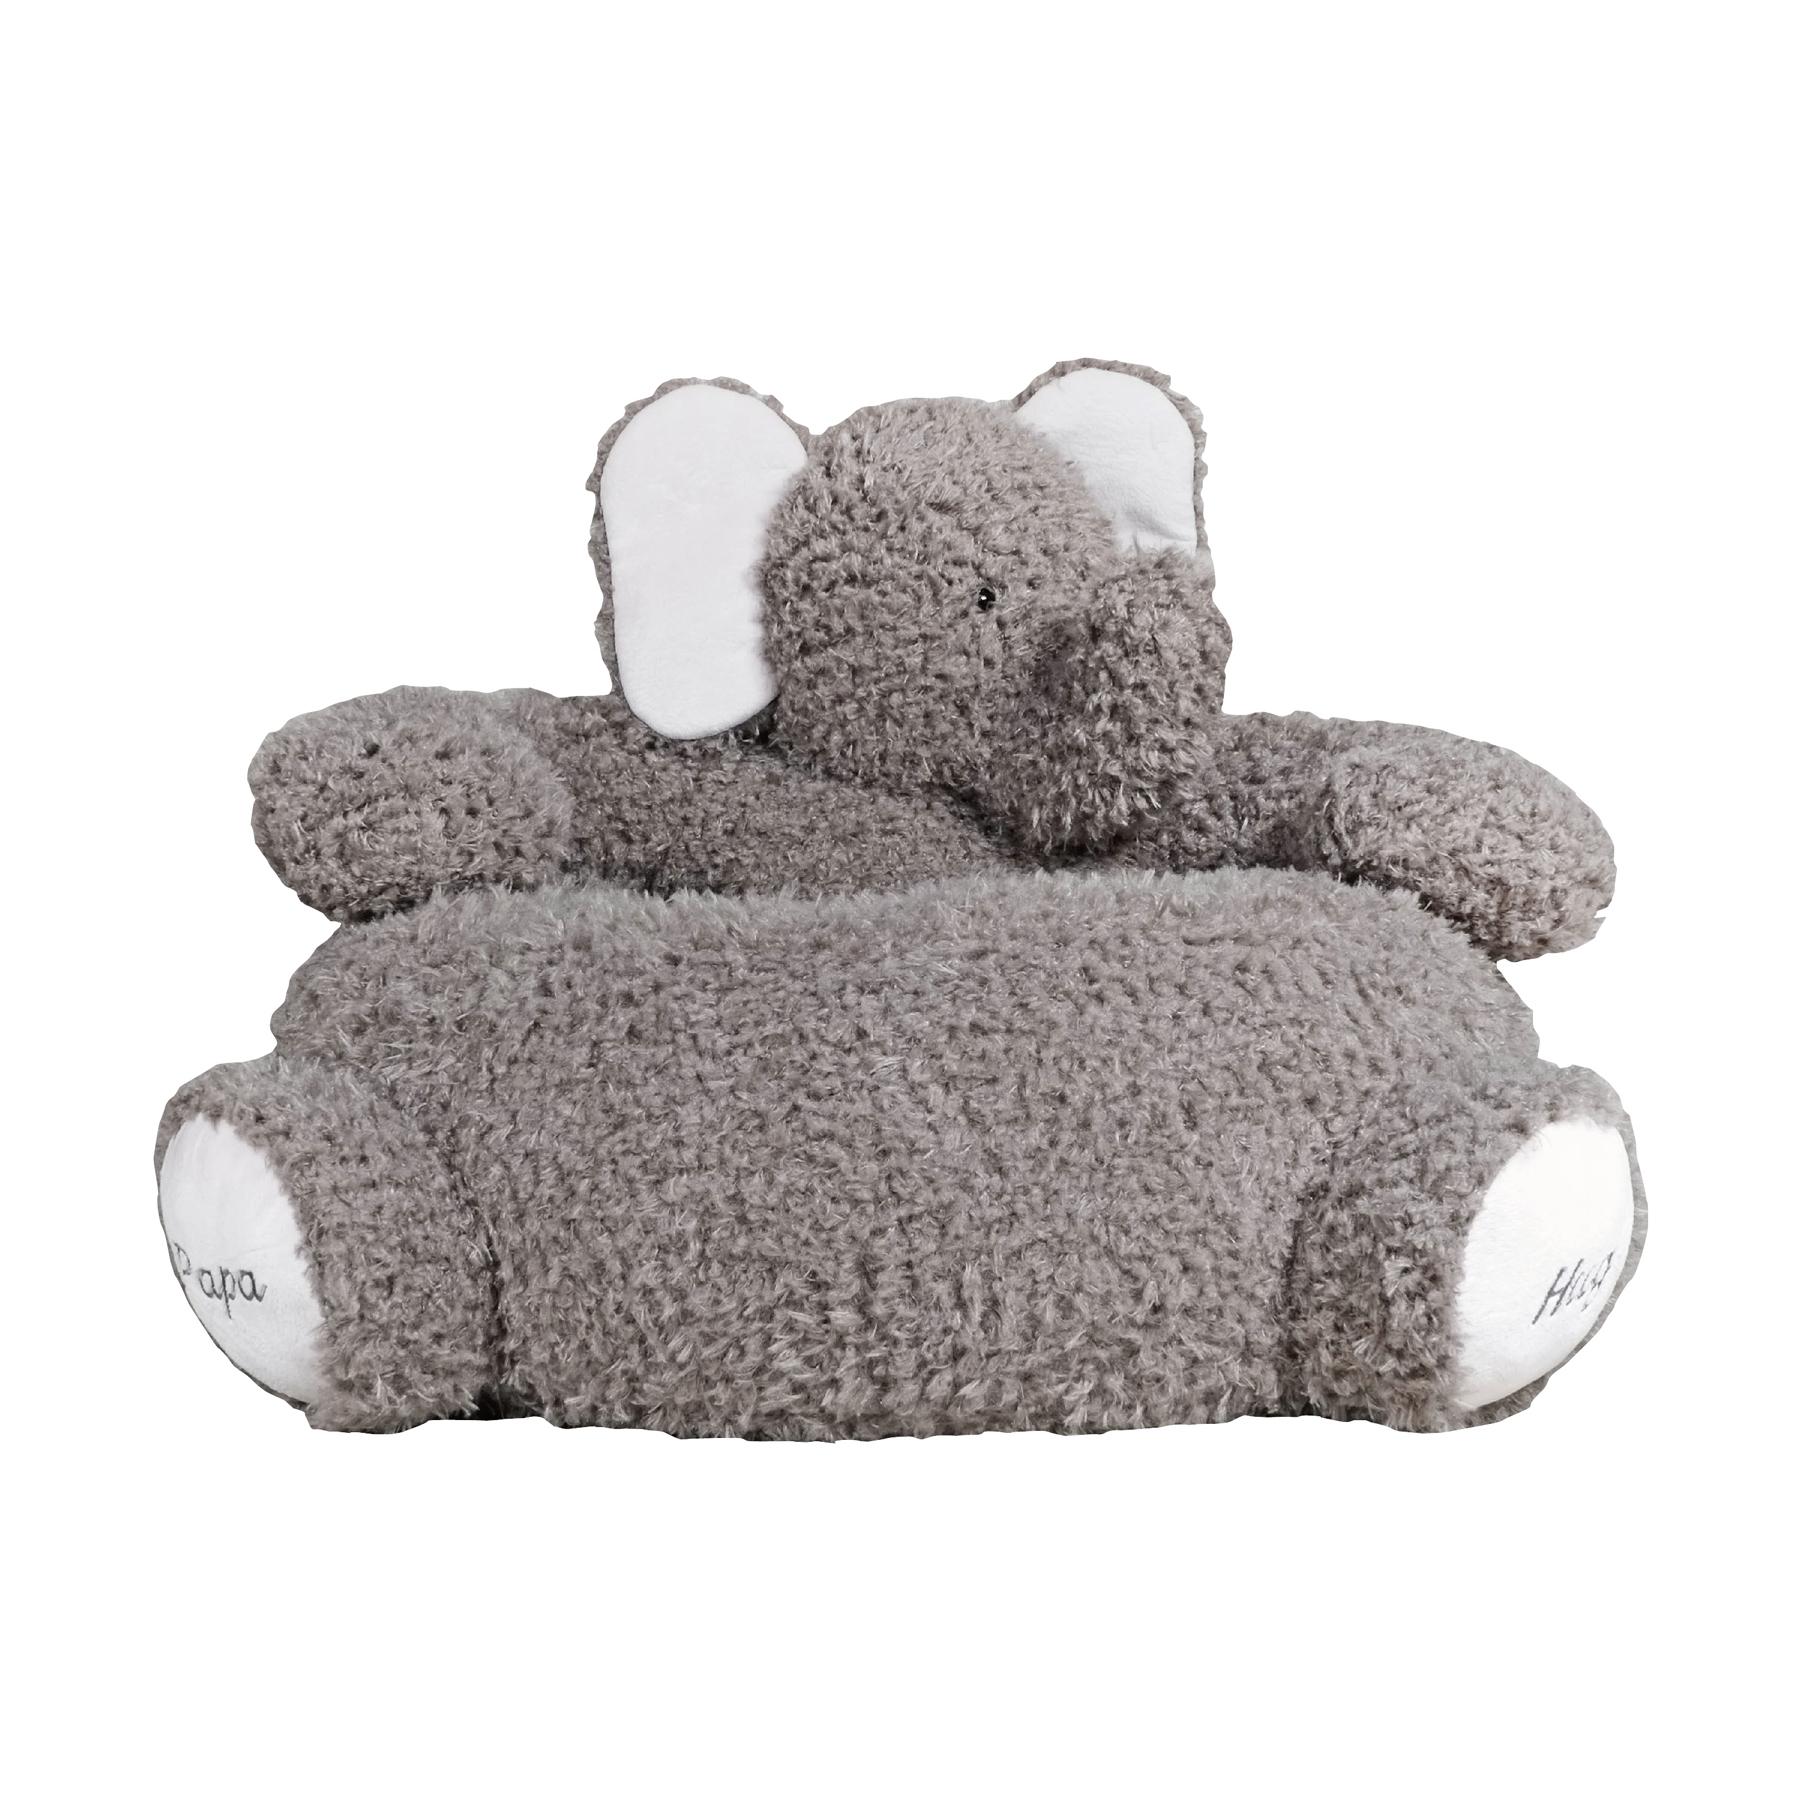 Детское мягкое кресло СлоникДетские кресла<br>Это удобное кресло качалка подойдёт как для сна, так и для игр.<br><br>Material: Хлопок<br>Width см: 65<br>Depth см: 55<br>Height см: 42